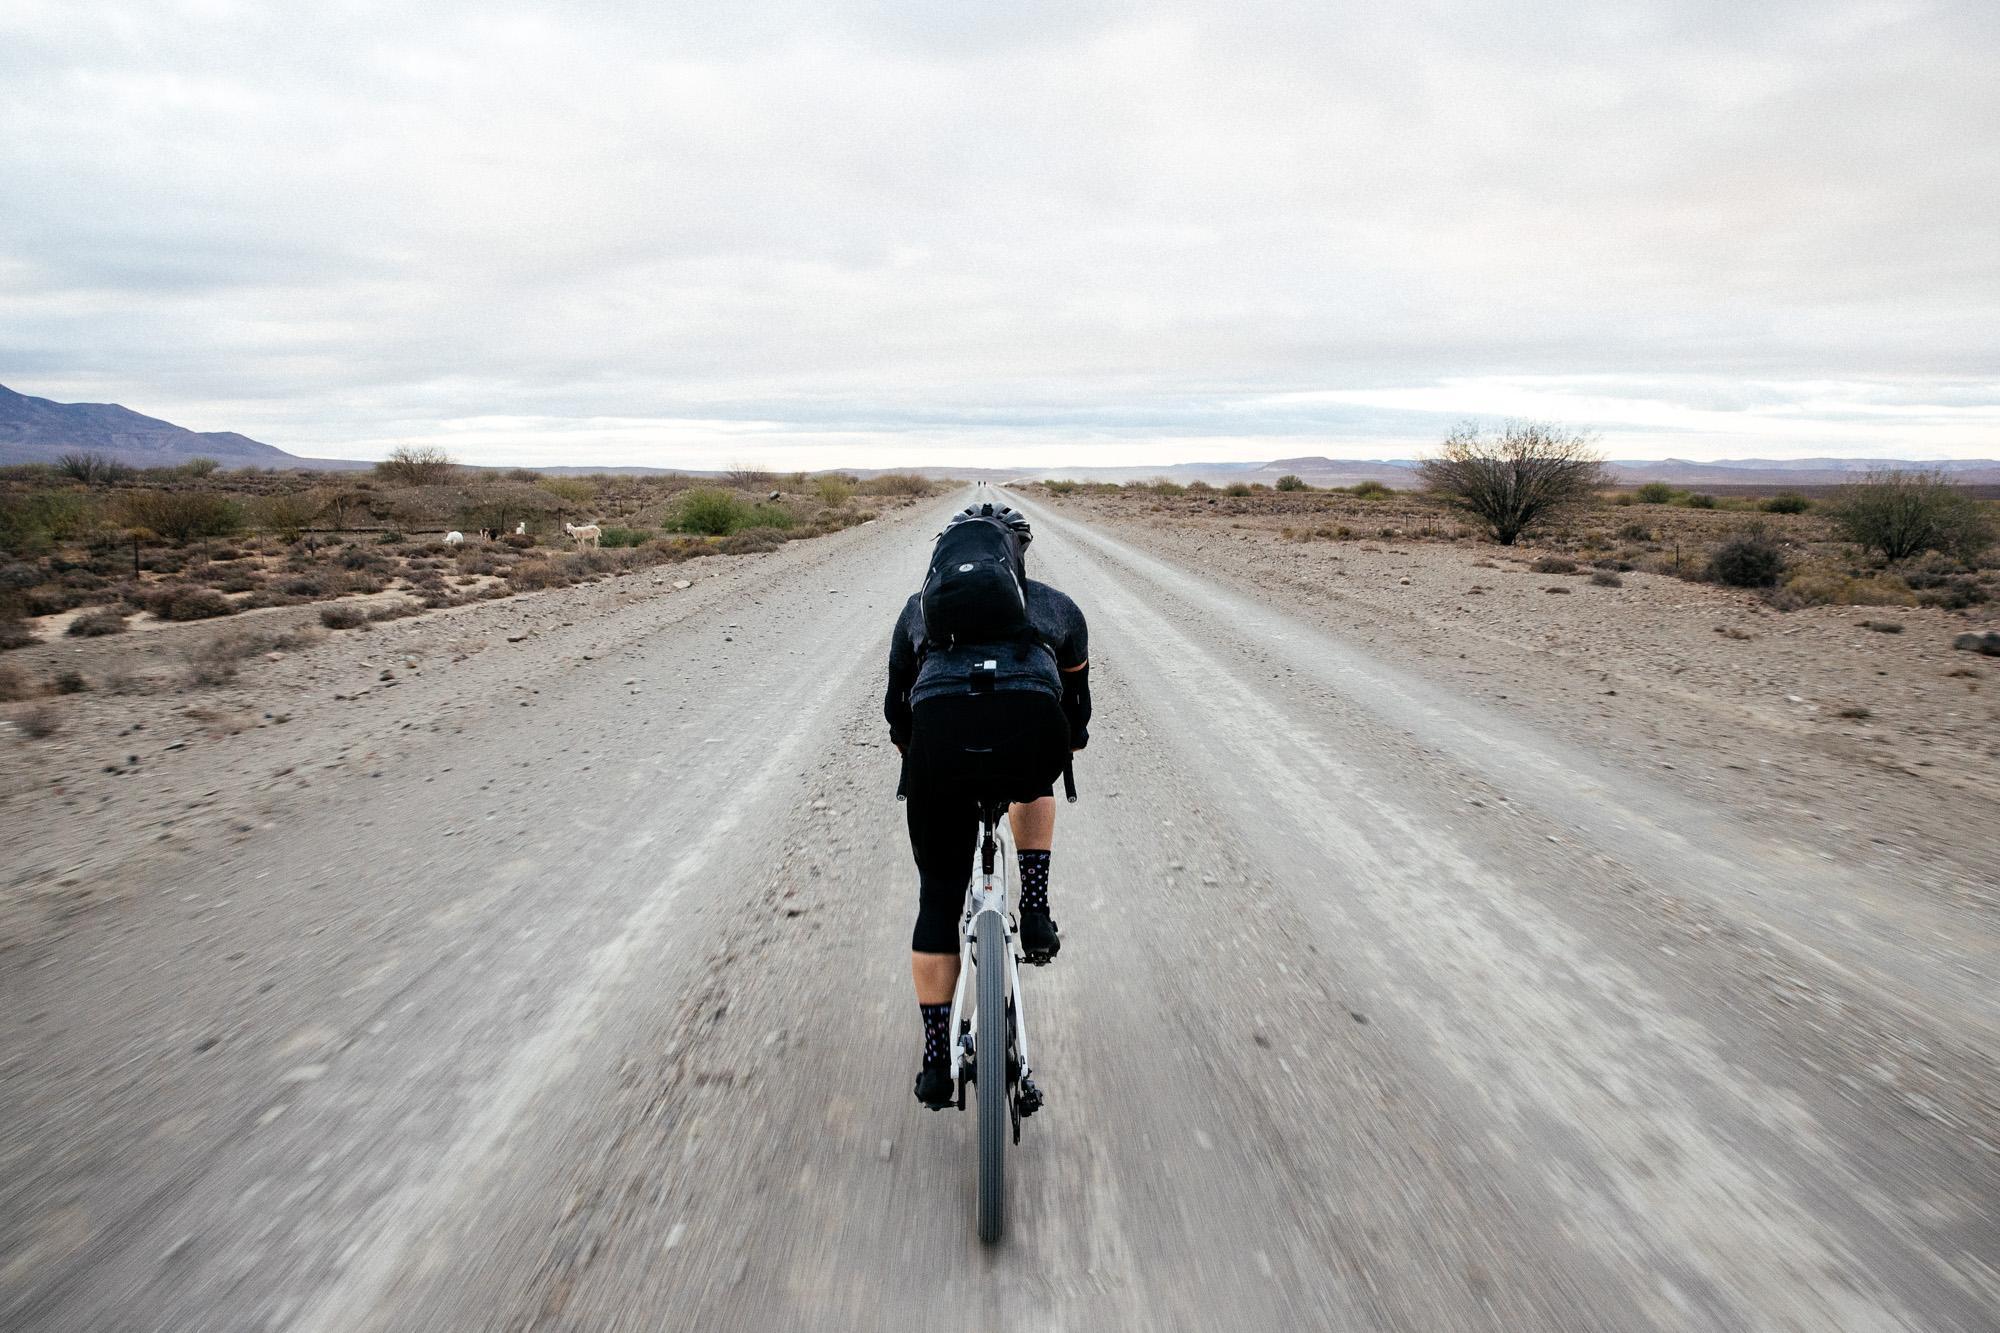 Desert racing.